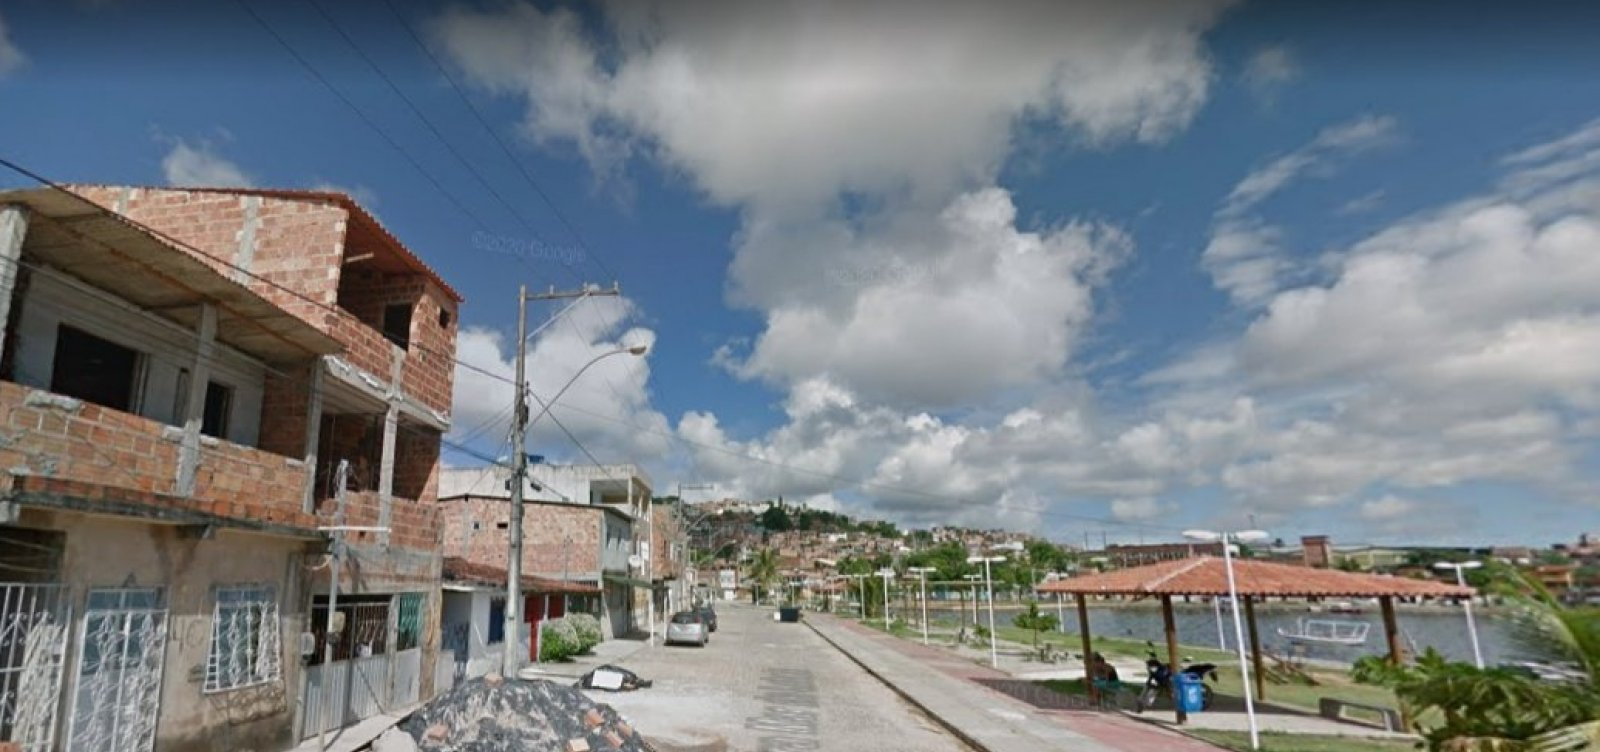 Ônibus de socorro invade imóvel na Av. Suburbana; ninguém ficou ferido